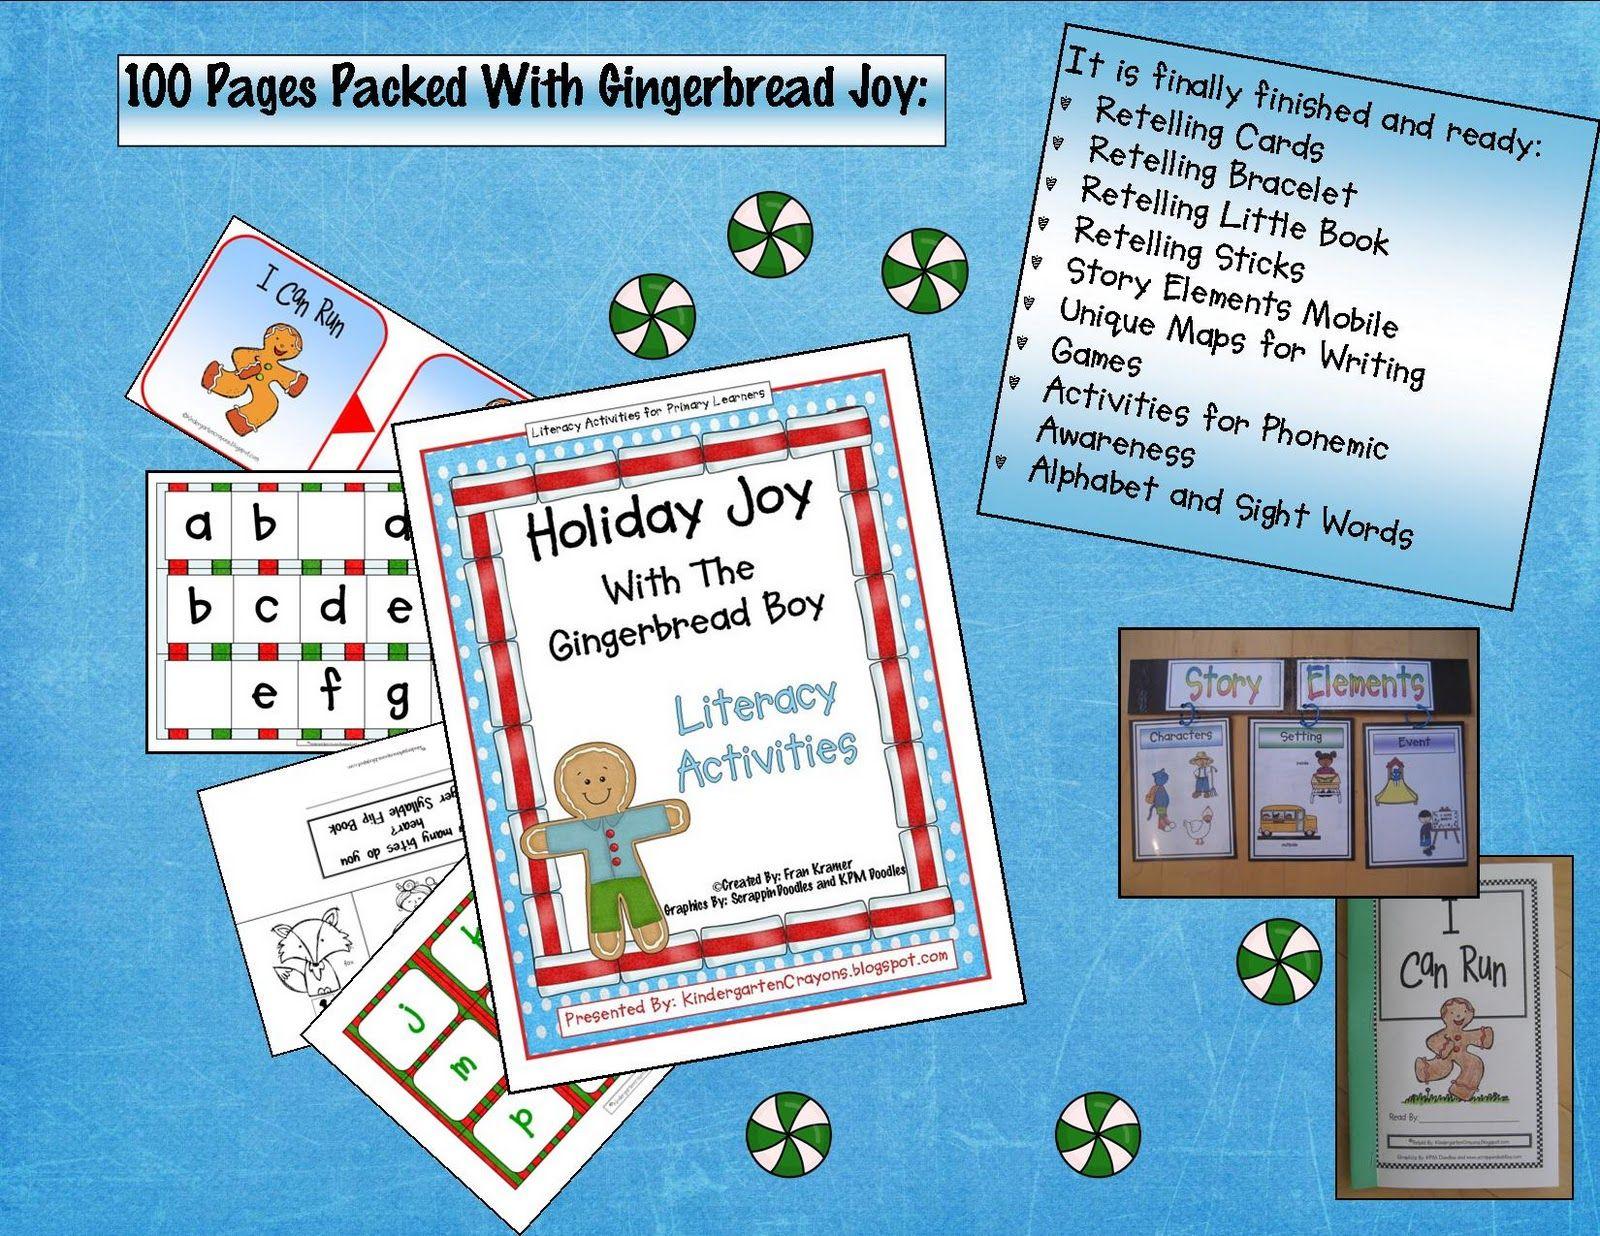 Kindergarten Crayons | Gingerbread | Pinterest | Kindergarten ...